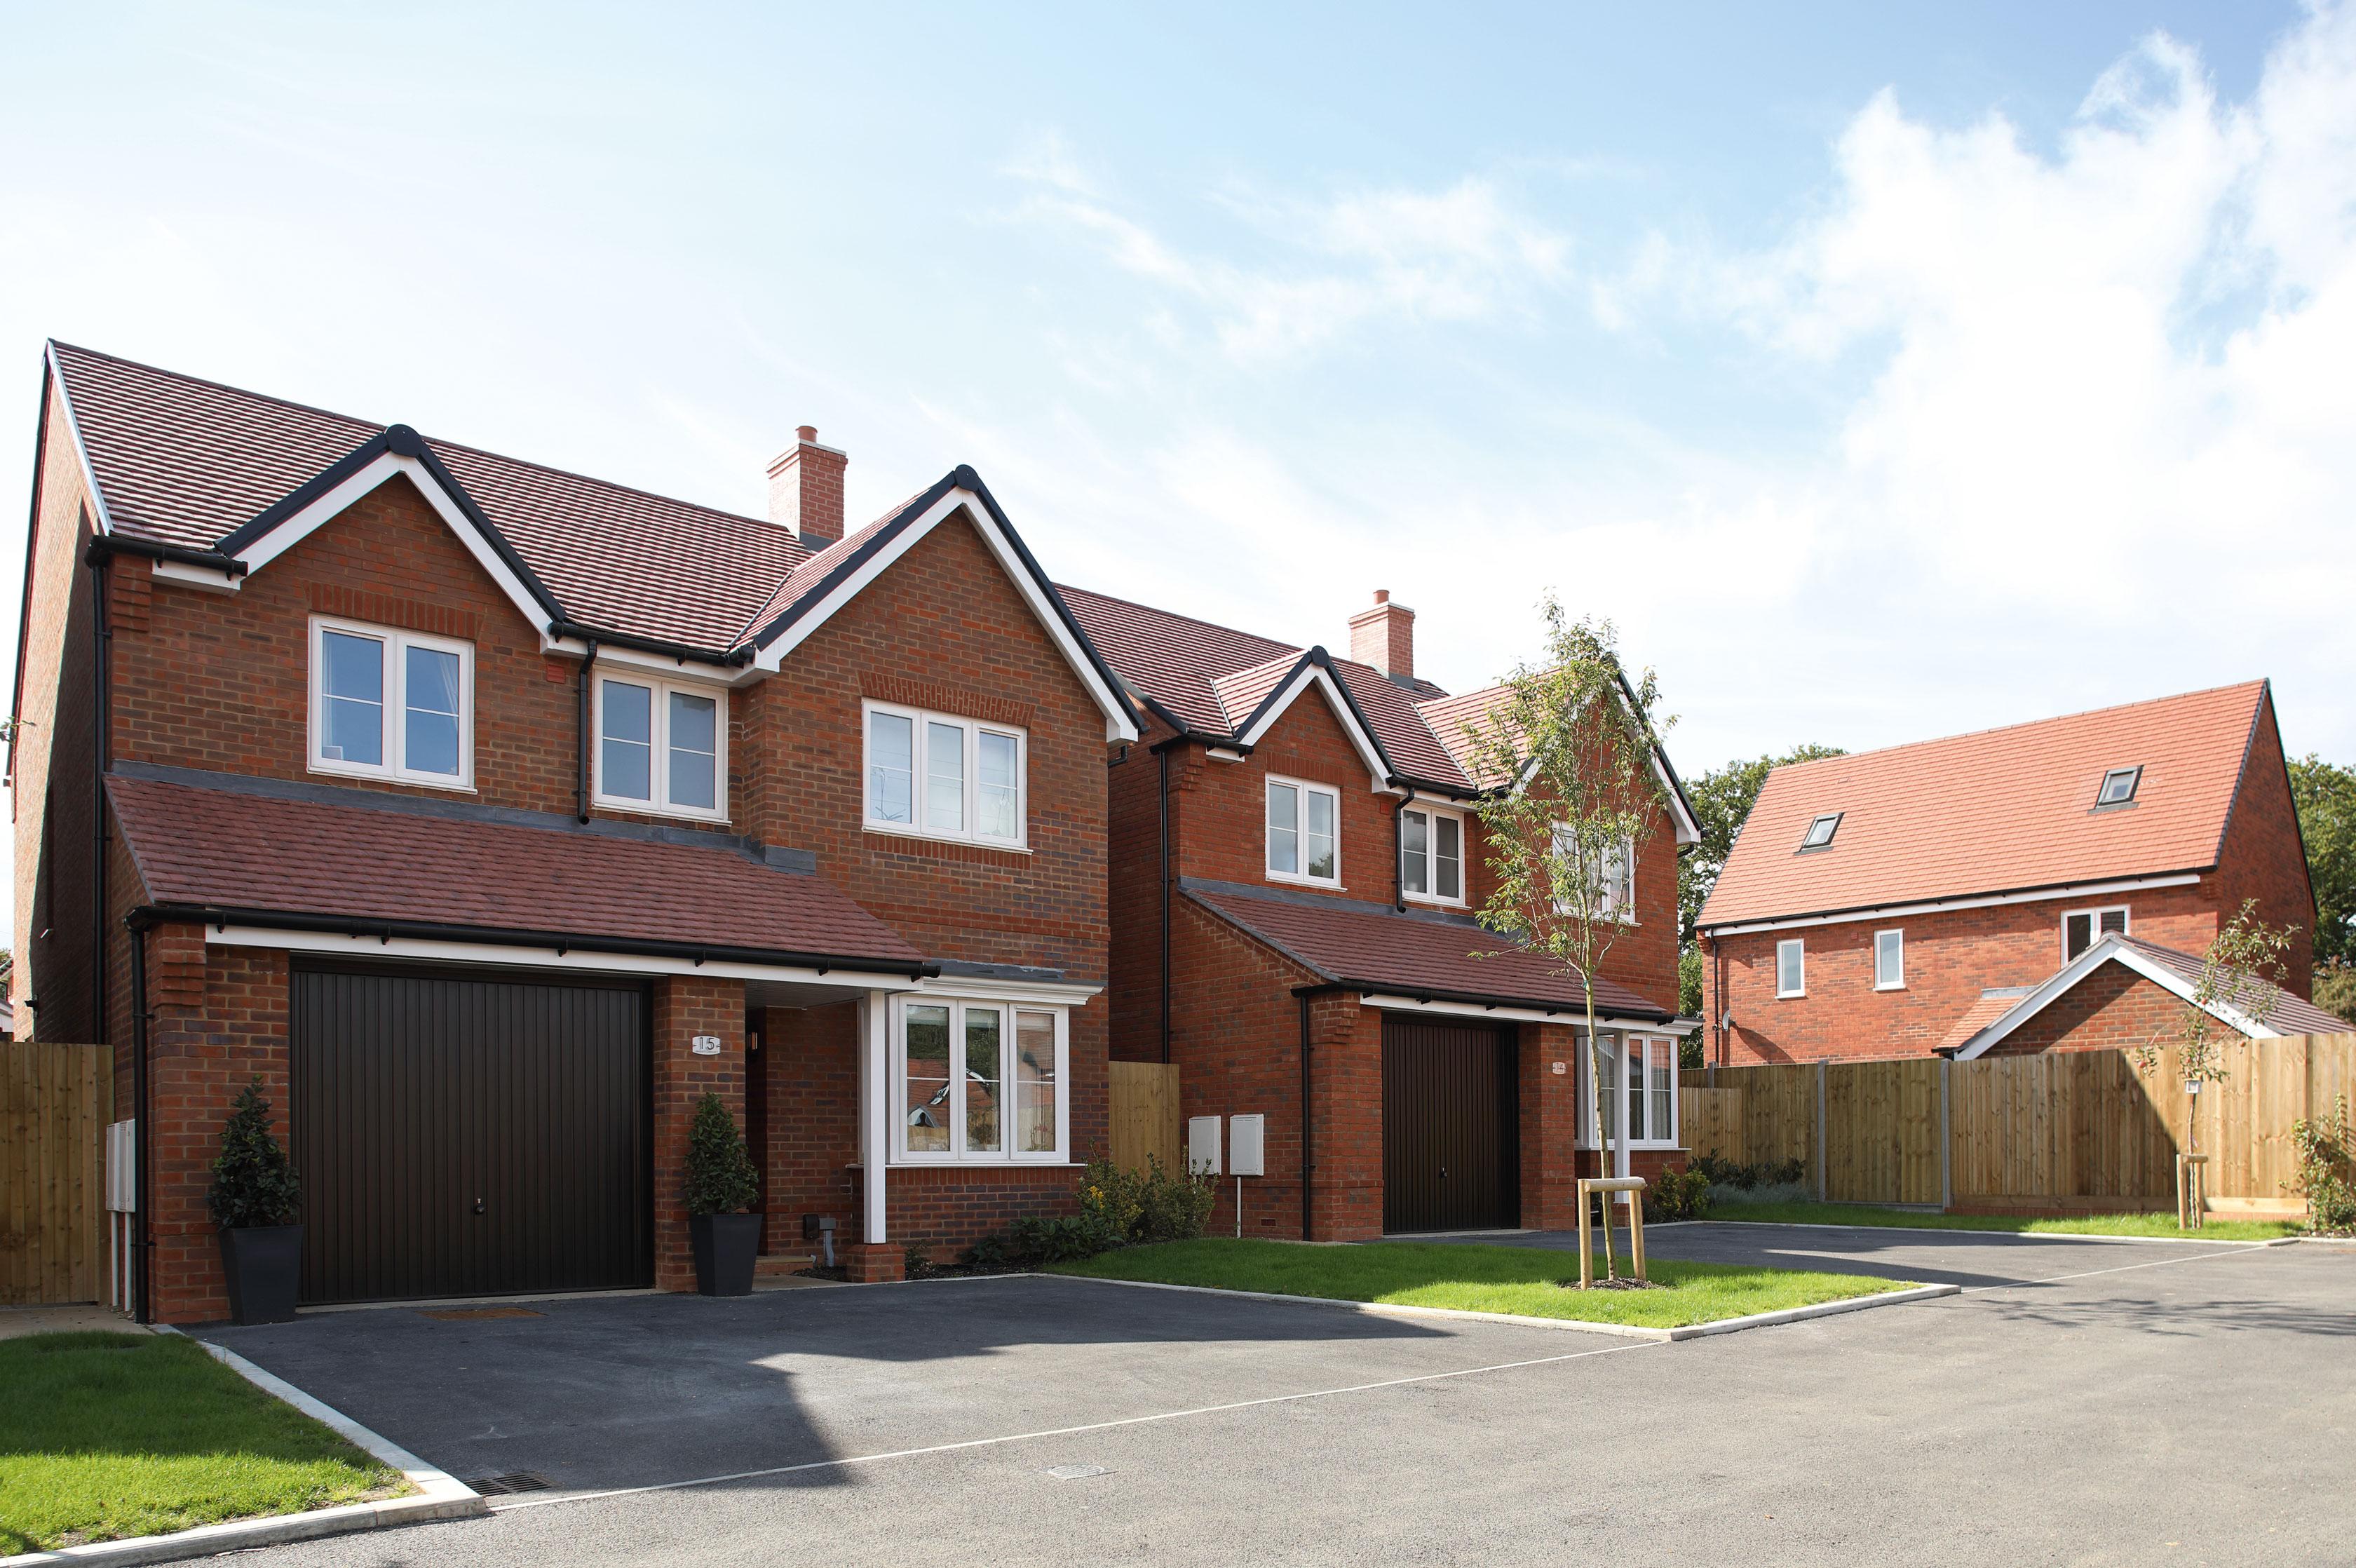 Boorley Park,Bloor Homes,Drive,Parking,Garage